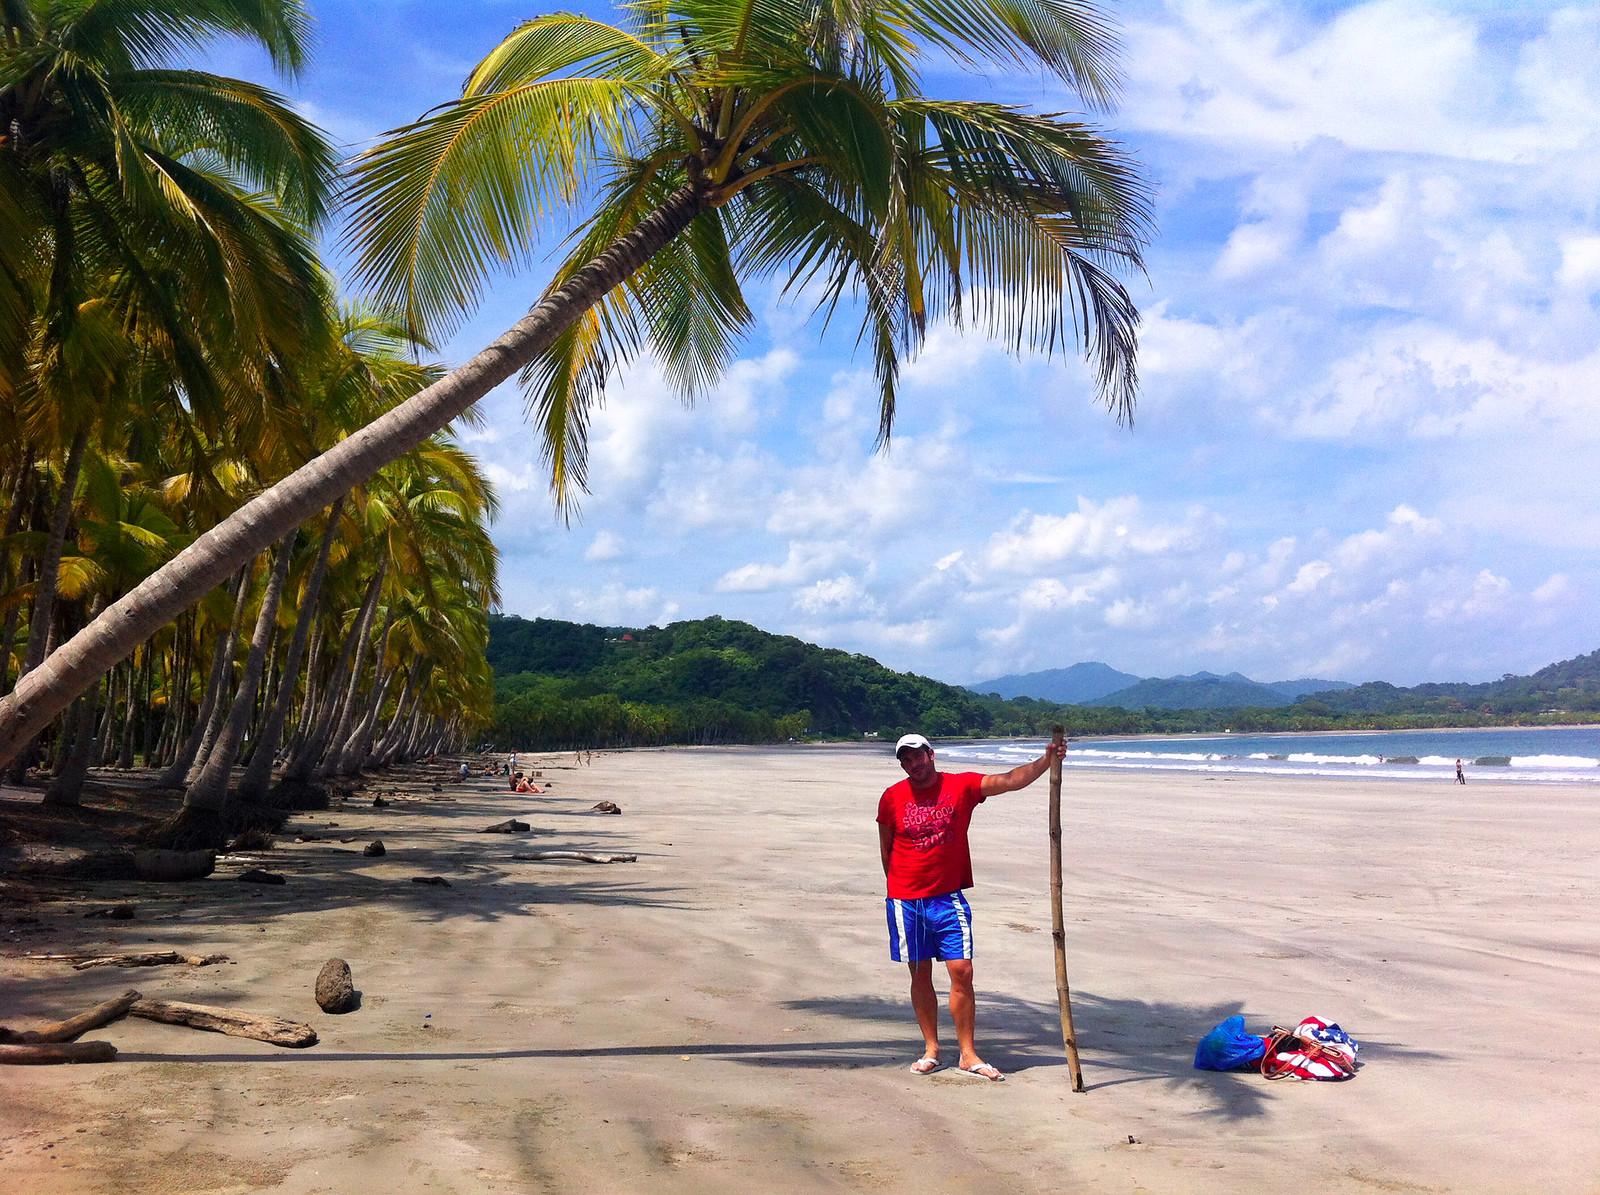 Viajar a Costa Rica / Ruta por Costa Rica en 3 semanas ruta por costa rica - 37538078164 aa2904efb1 h - Ruta por Costa Rica en 3 semanas